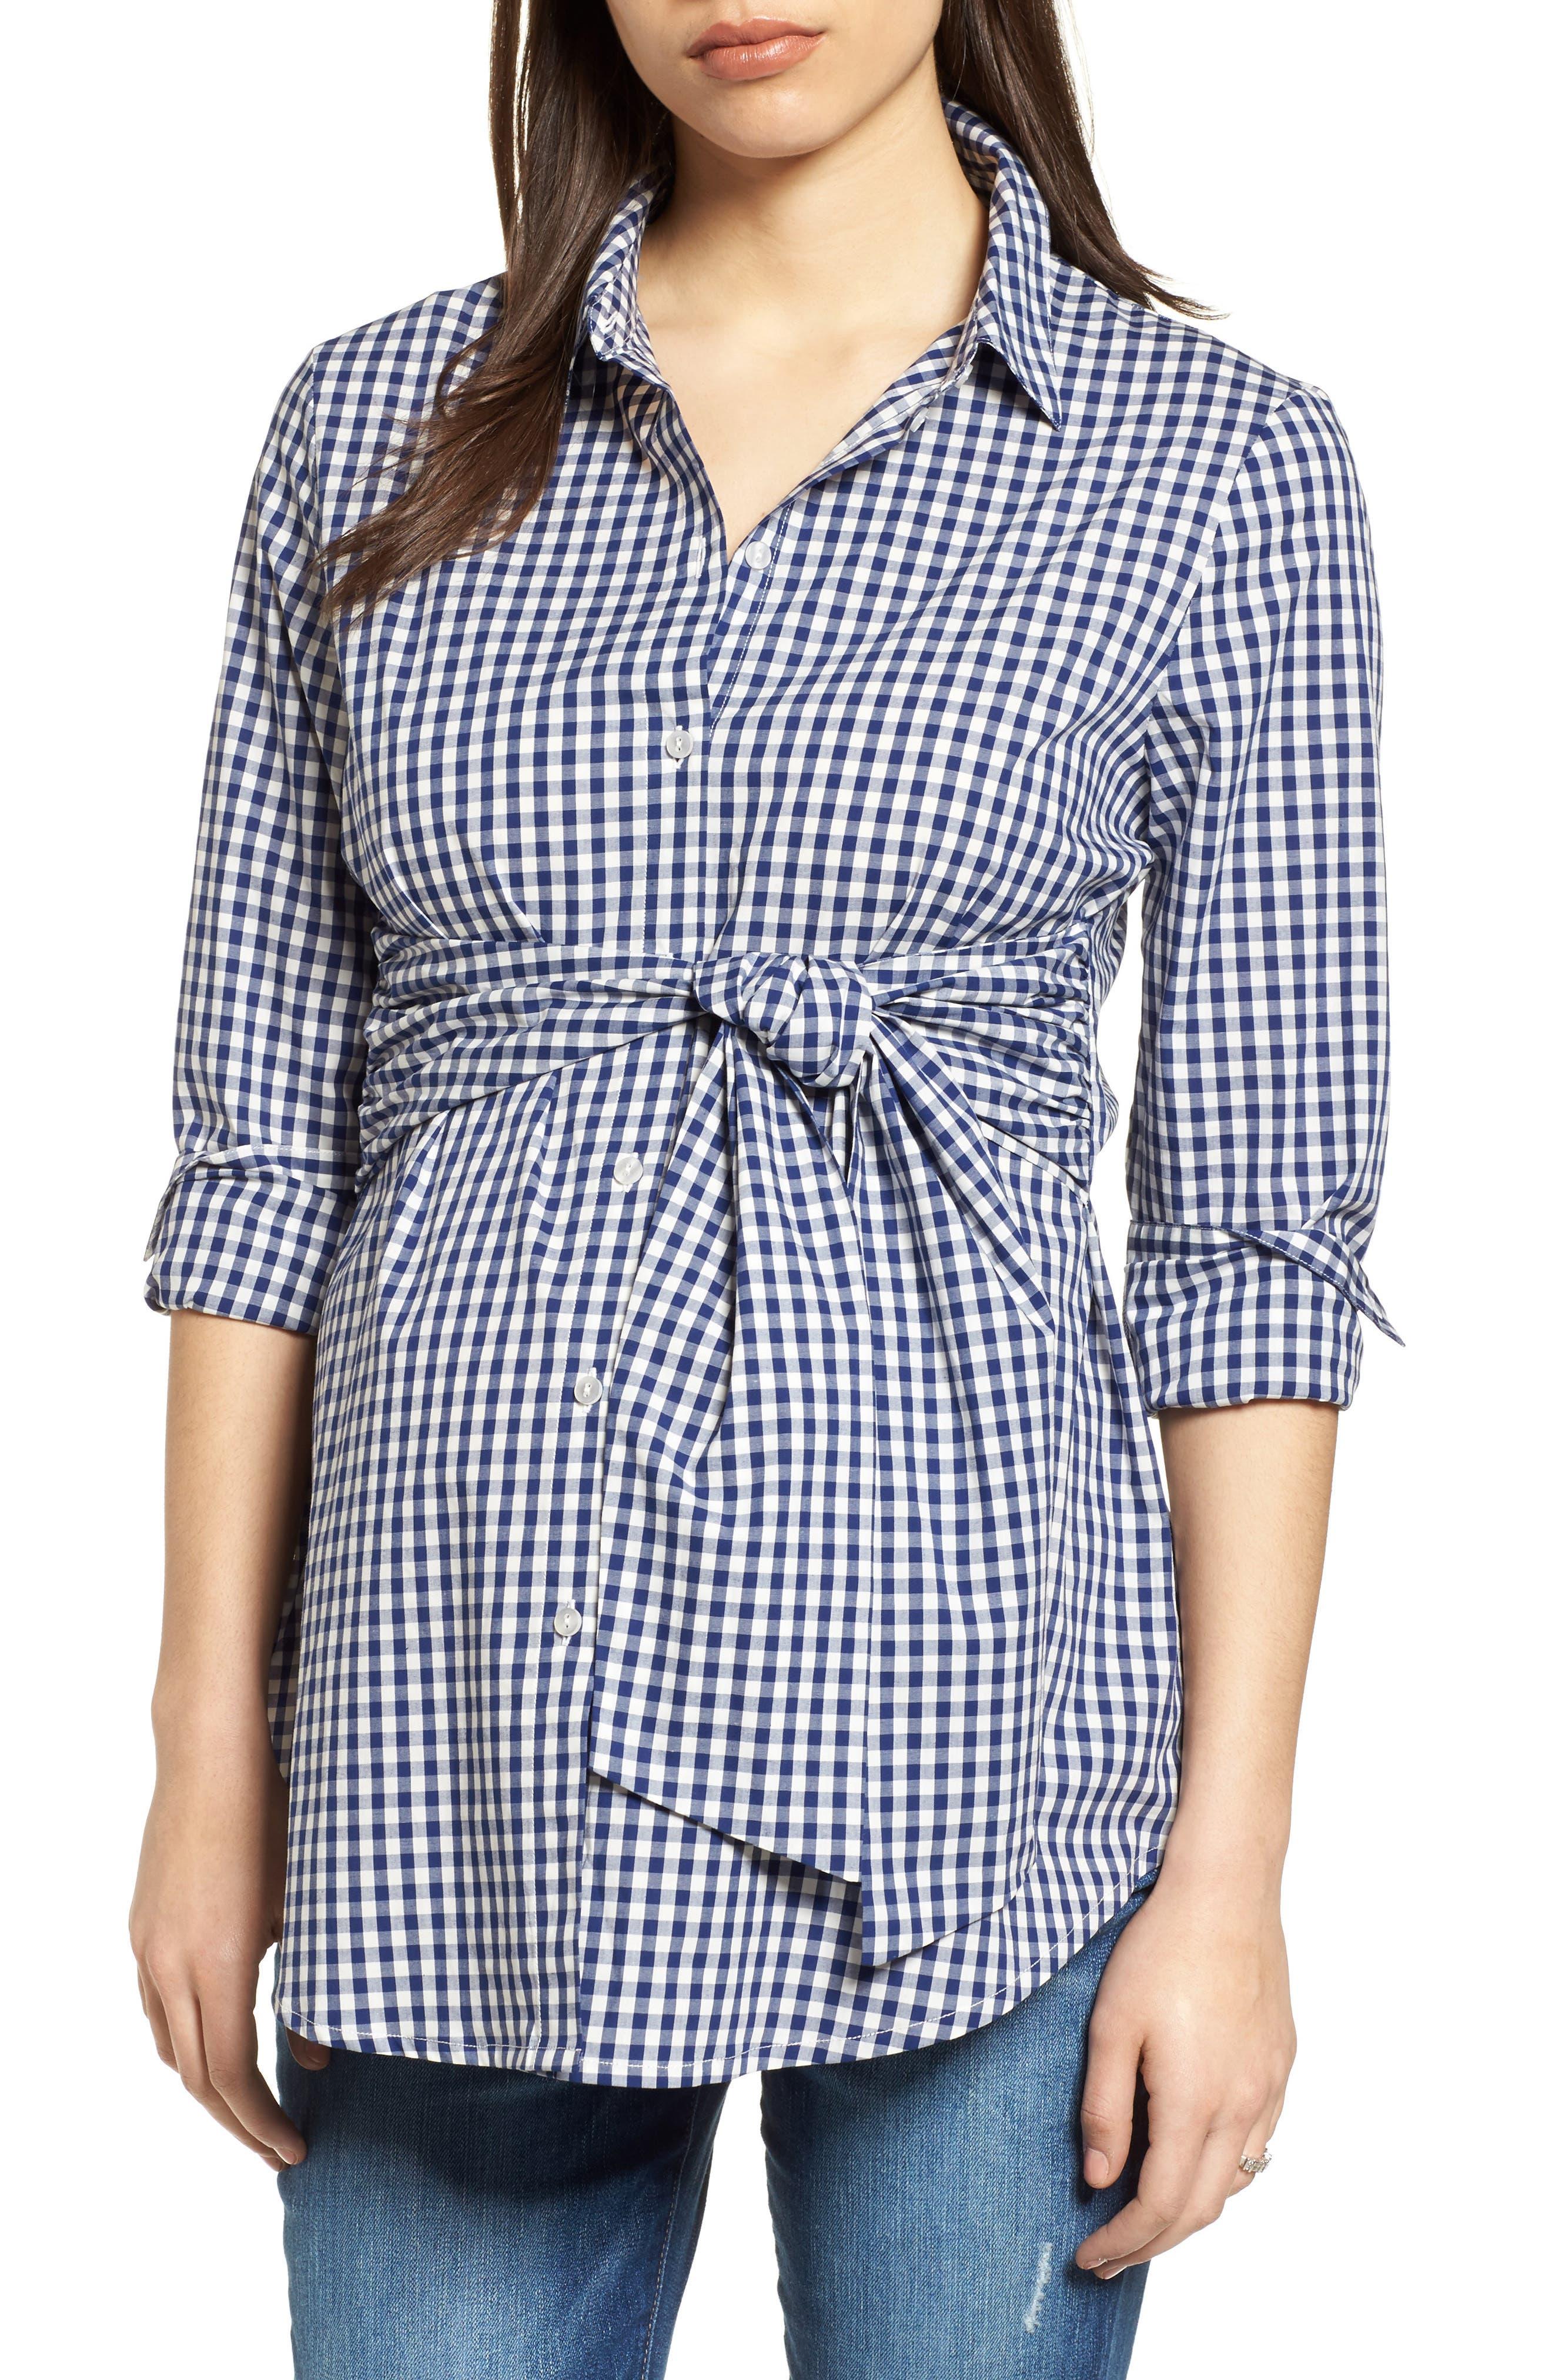 Lindsay Check Maternity Shirt,                             Main thumbnail 1, color,                             BLUE GINGHAM